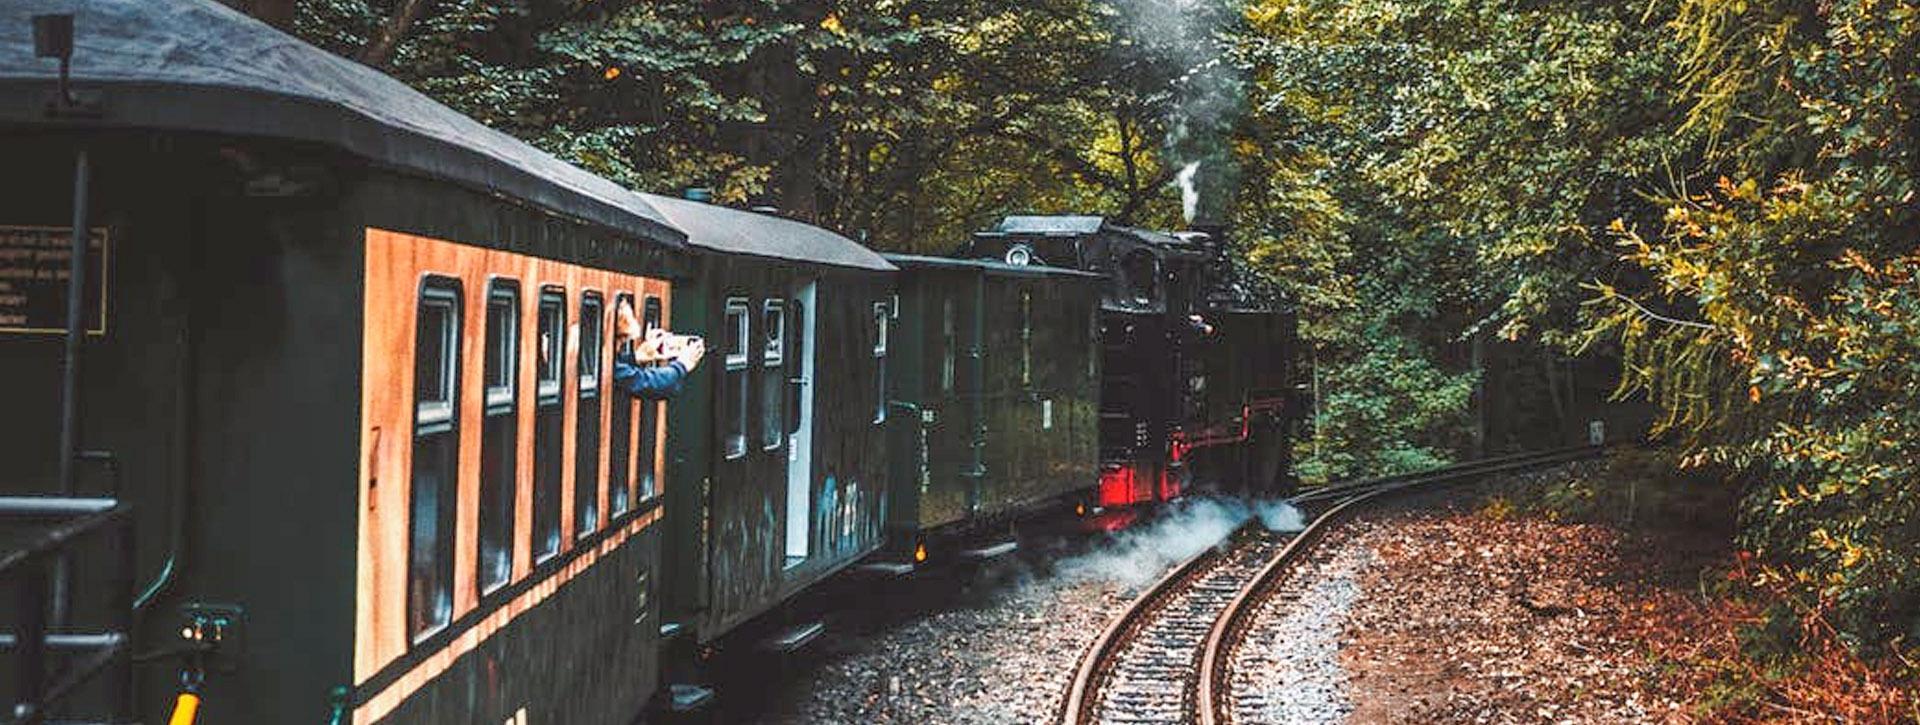 Stockholm Roslagens järnvägar